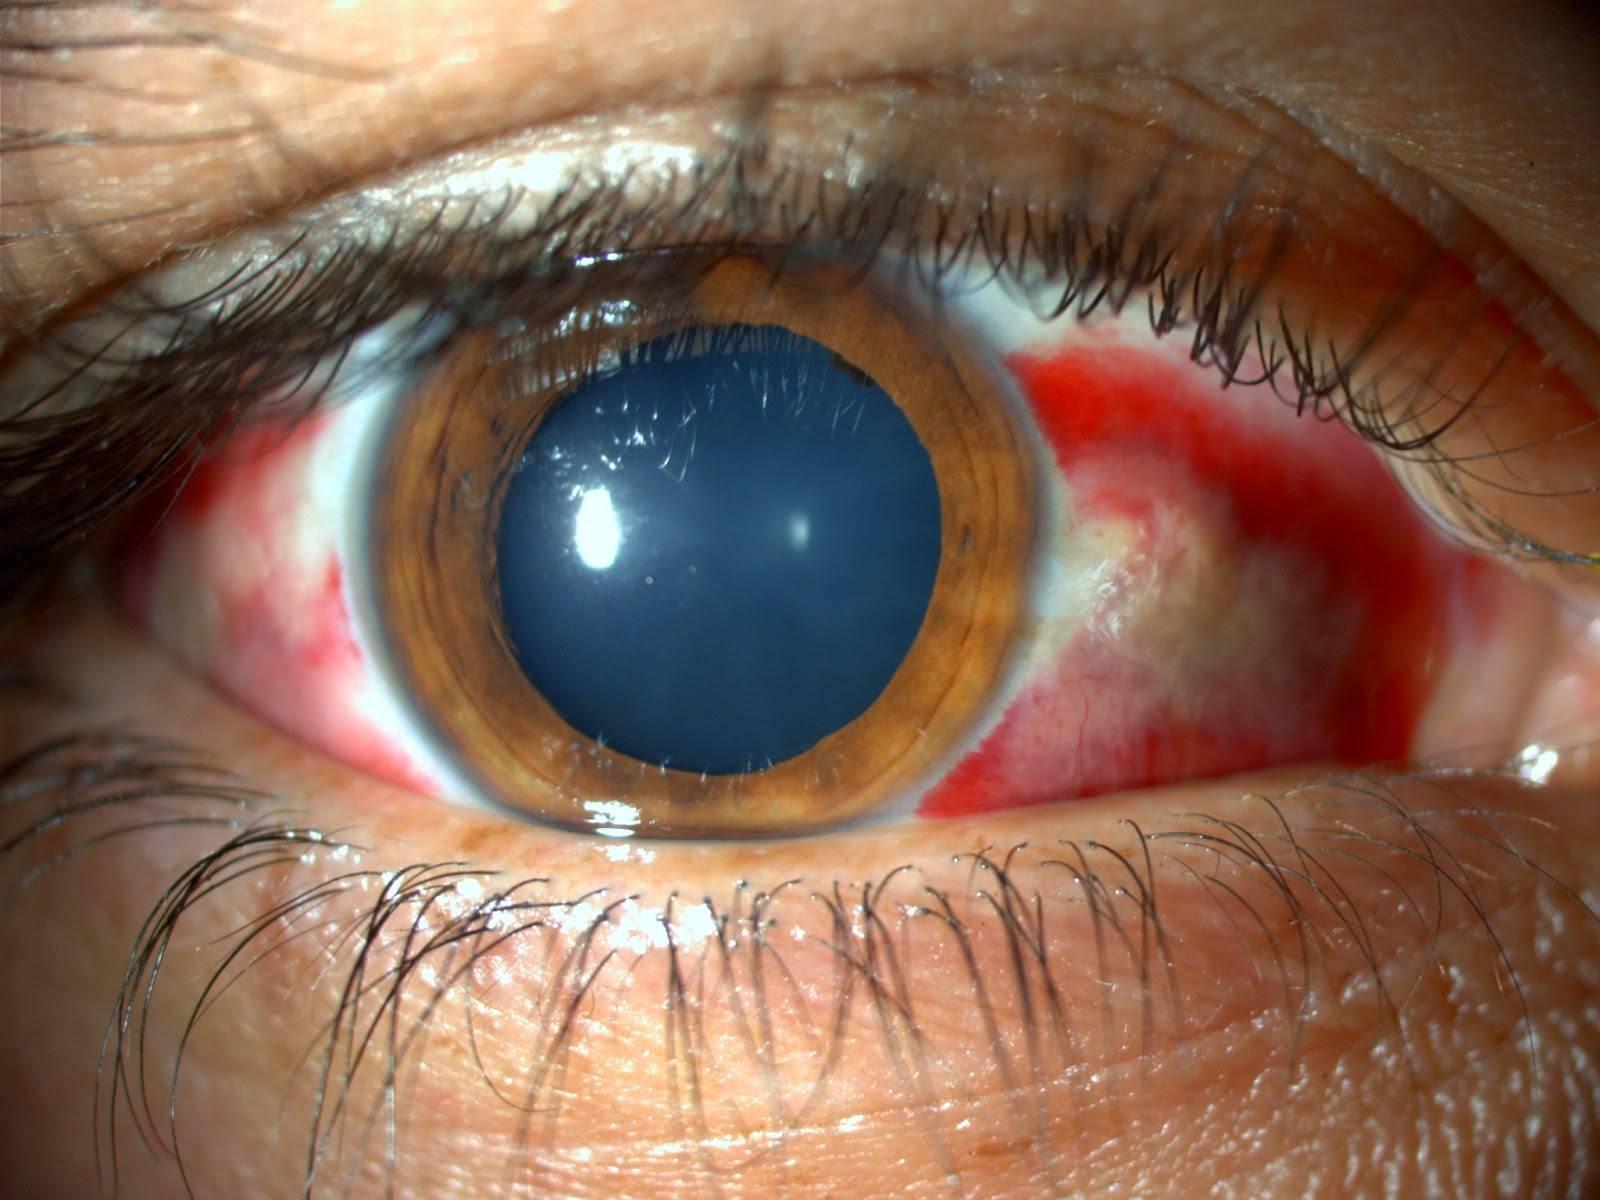 Гнойный эндофтальмит: причины, лечение, прогноз — онлайн-диагностика